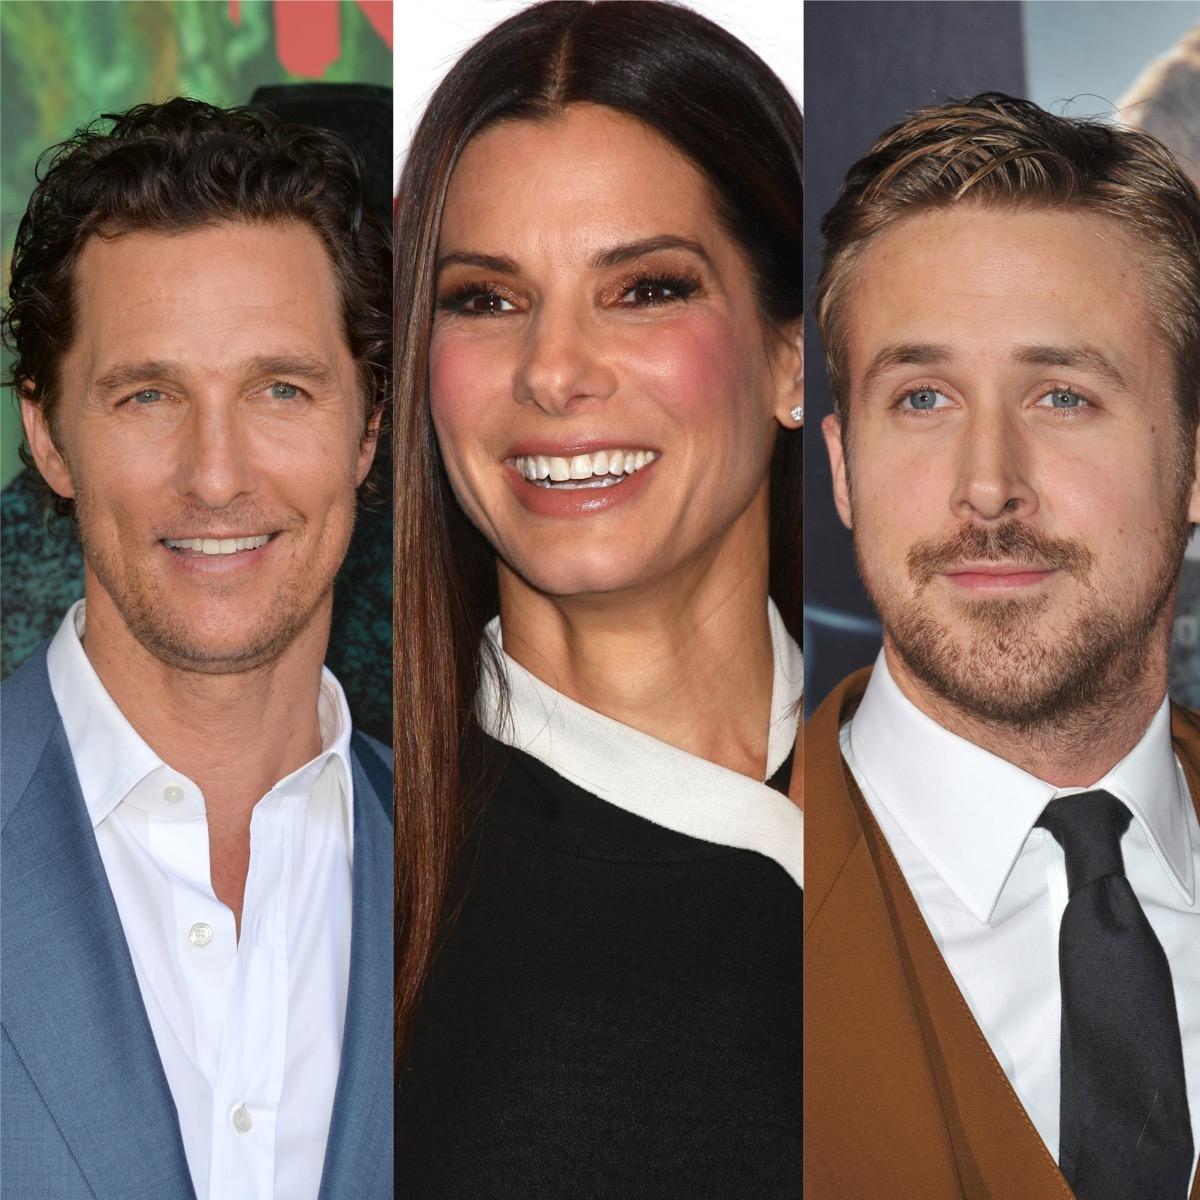 Matthew McConaughey, Sandra Bullock, and Ryan Gosling